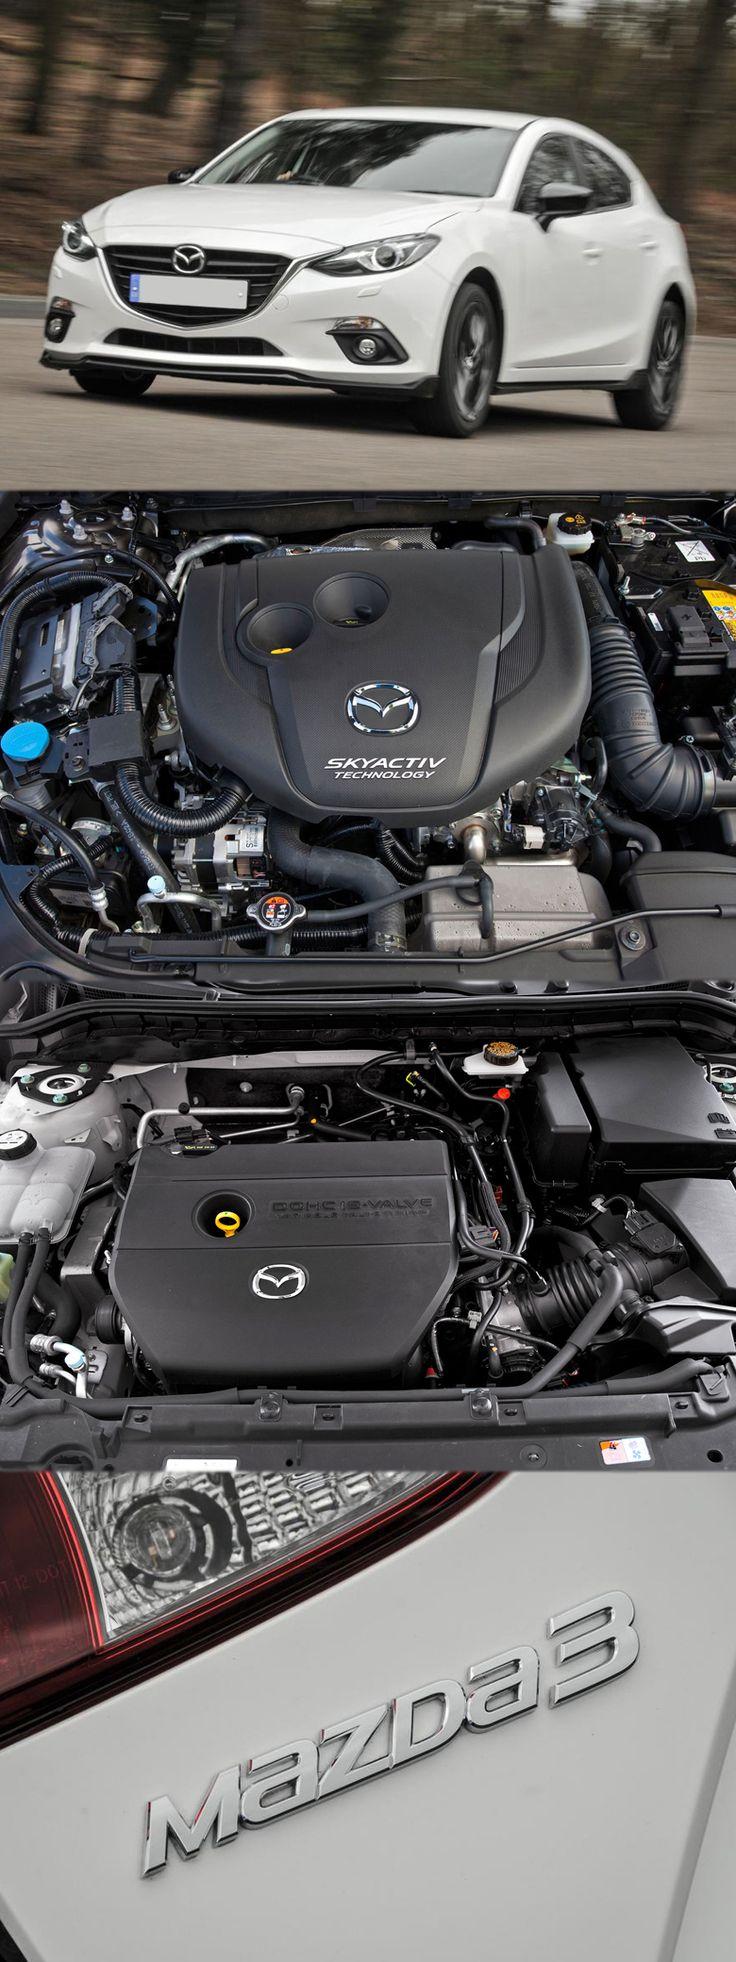 Mazda 3 Sport Black has 2.0-litre Skyactiv-G Petrol Engine For more details: https://www.enginetrust.co.uk/series/mazda/3/engines